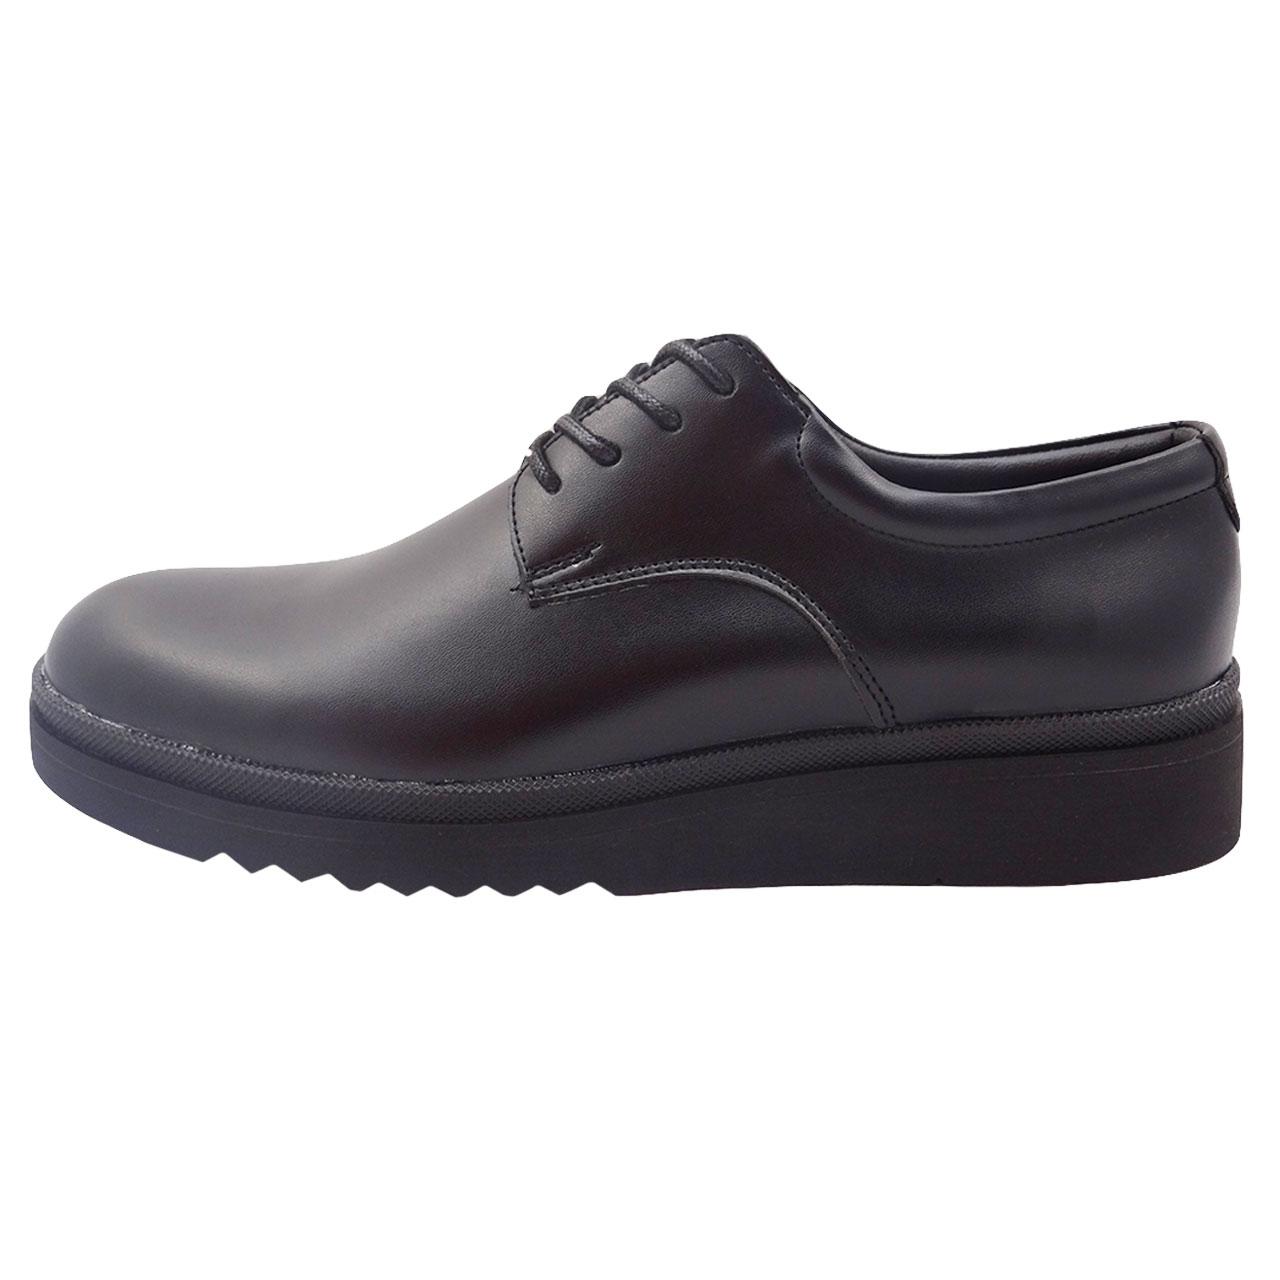 قیمت کفش چرمی مردانه کد A11